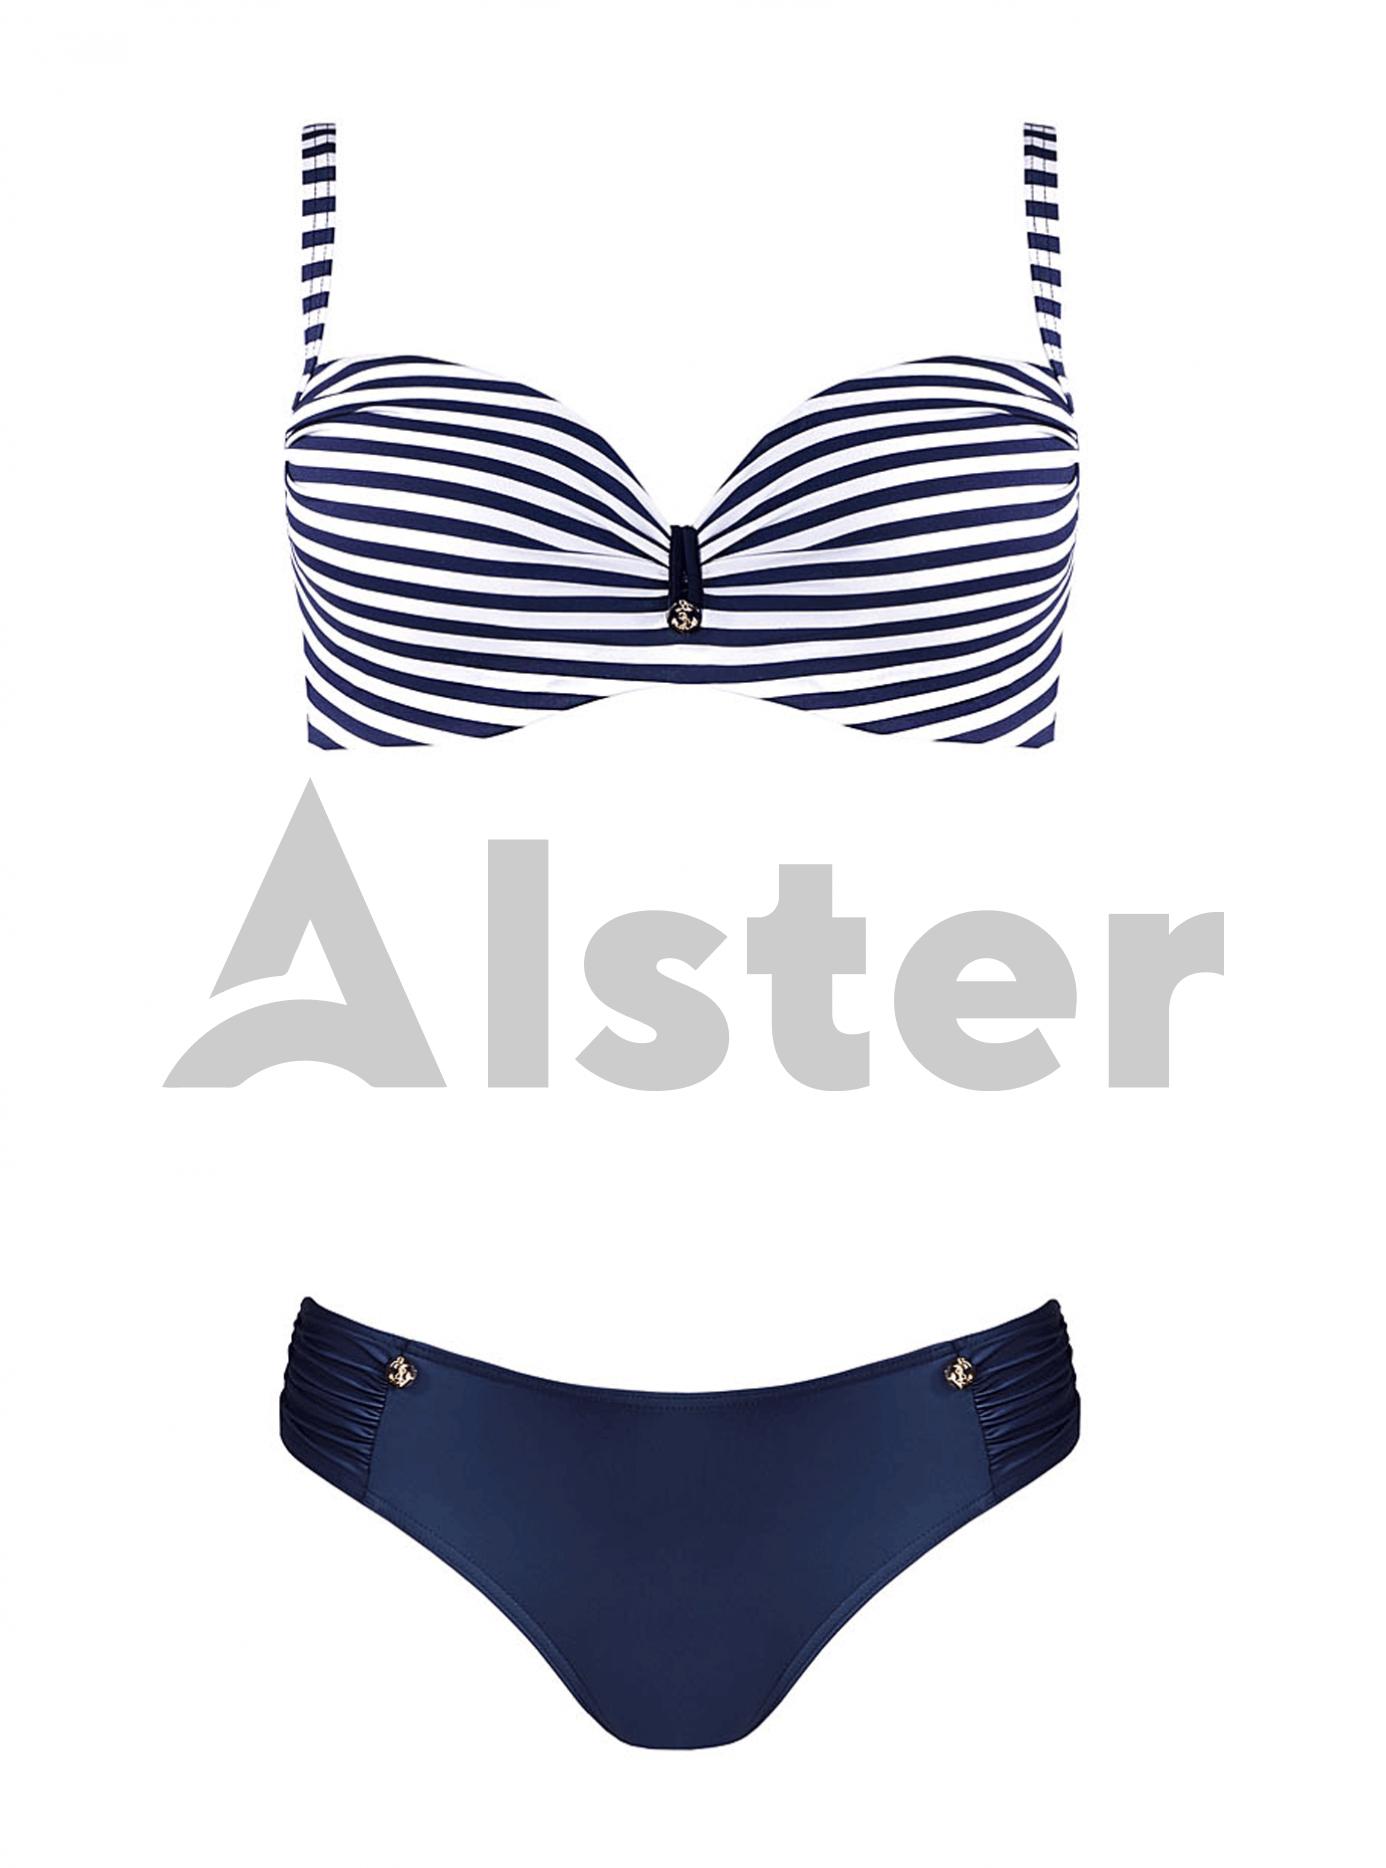 Раздельный купальник с полосатым верхом Синий 46B (01-K190561): фото - Alster.ua